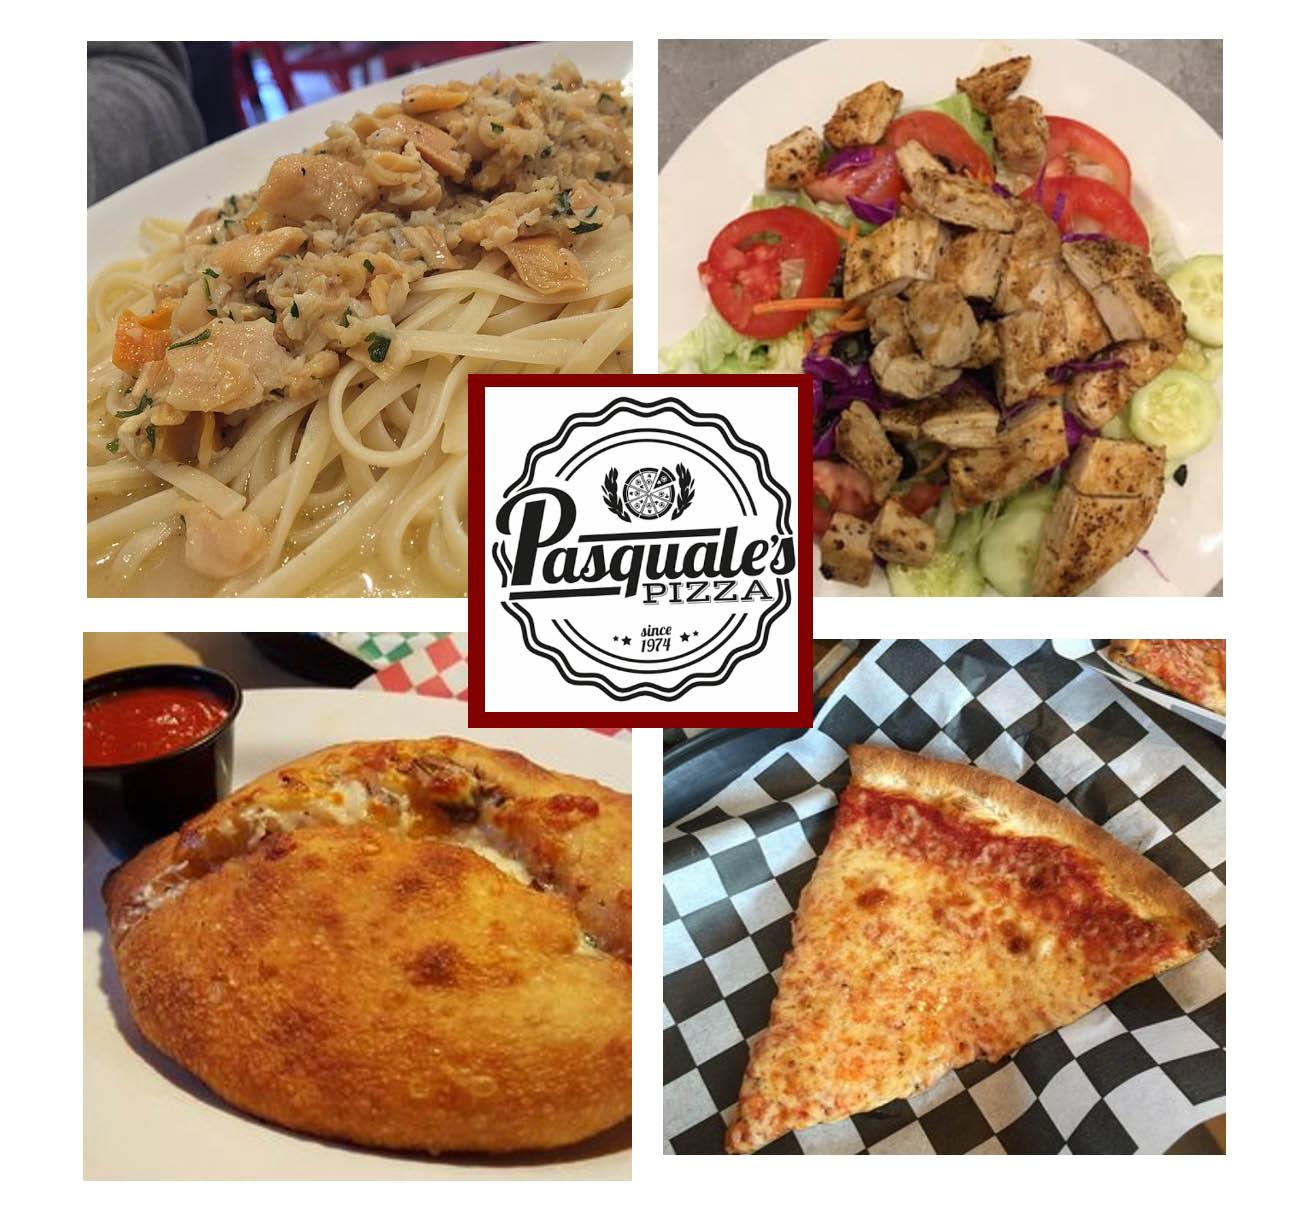 Authentic italian cuisine at Pasquales